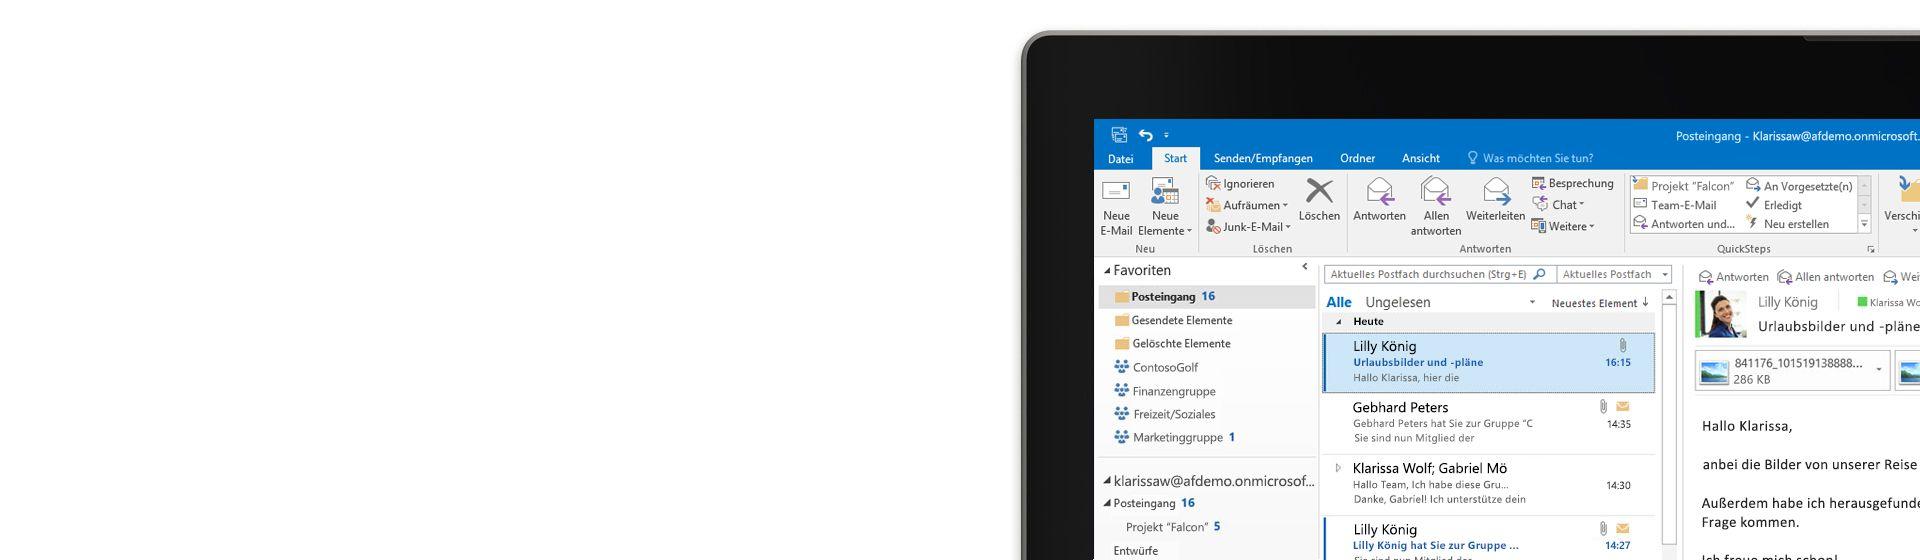 Ausschnitt eines Computerbildschirms mit einem E-Mail-Posteingang in Outlook